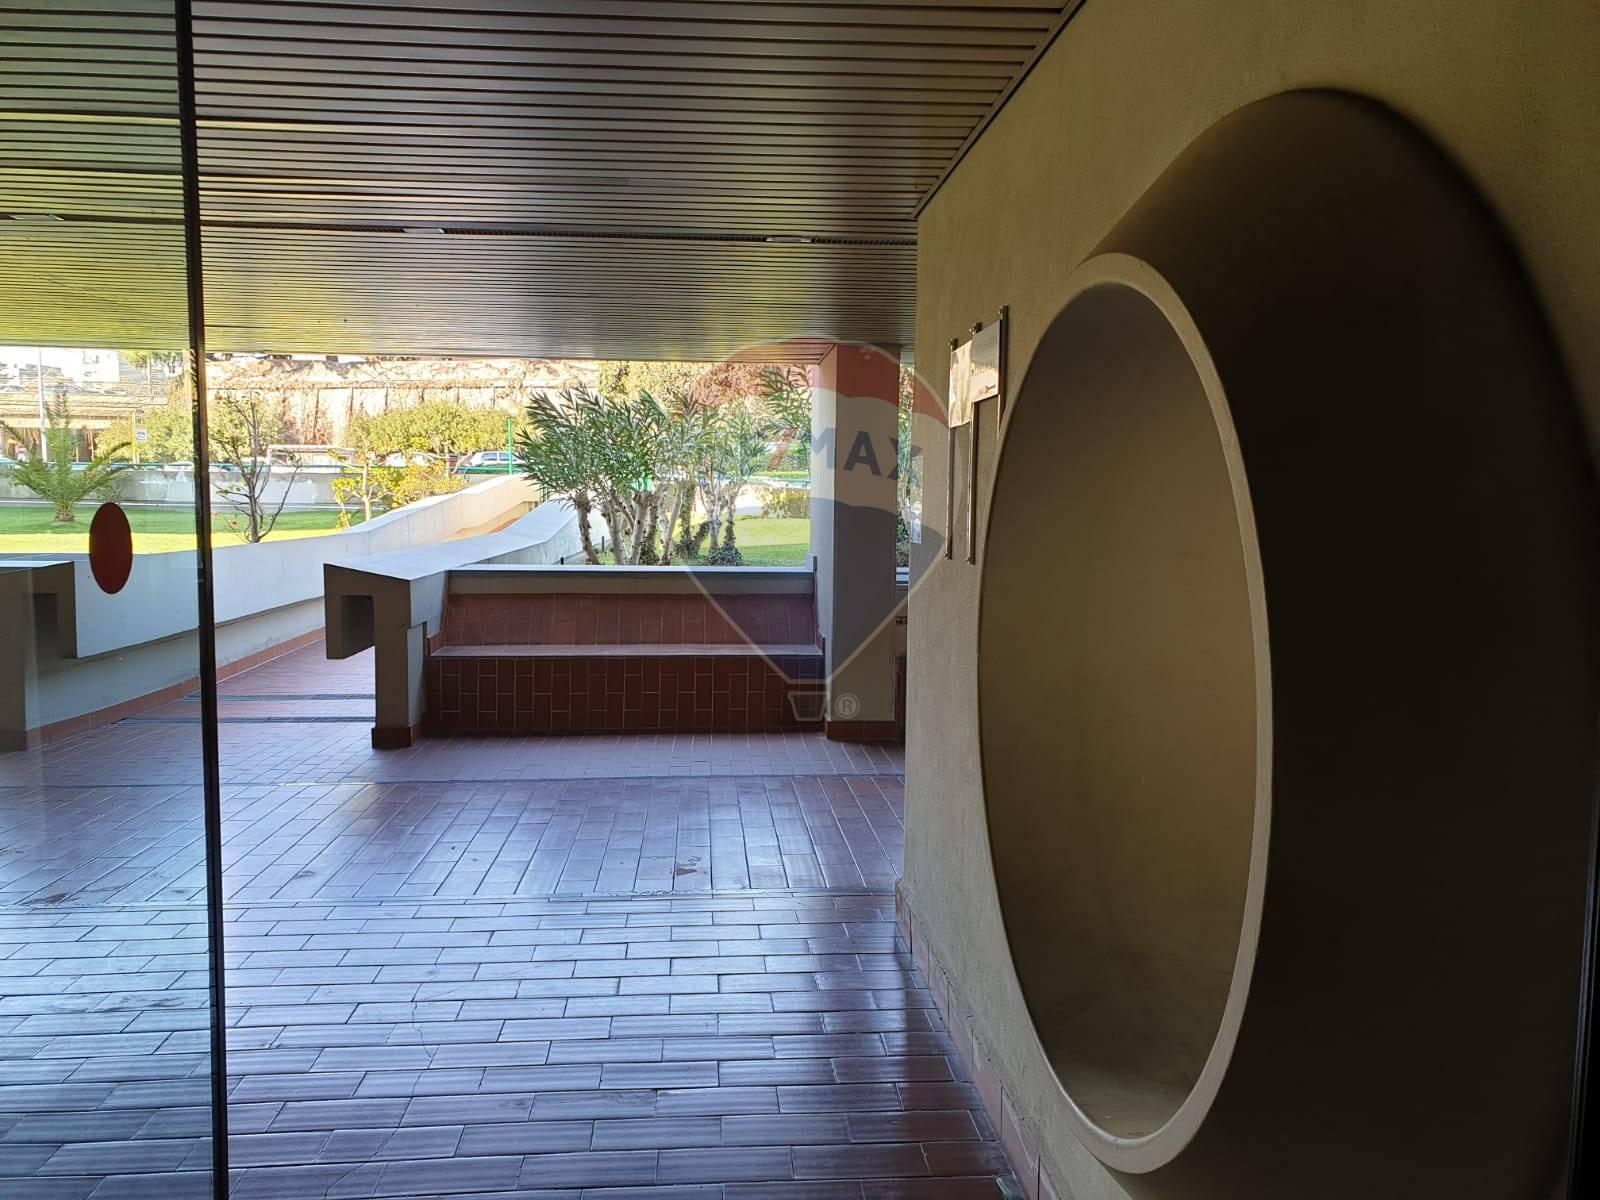 UFFICIO in Affitto a Oltreletimbro, Savona (SAVONA)